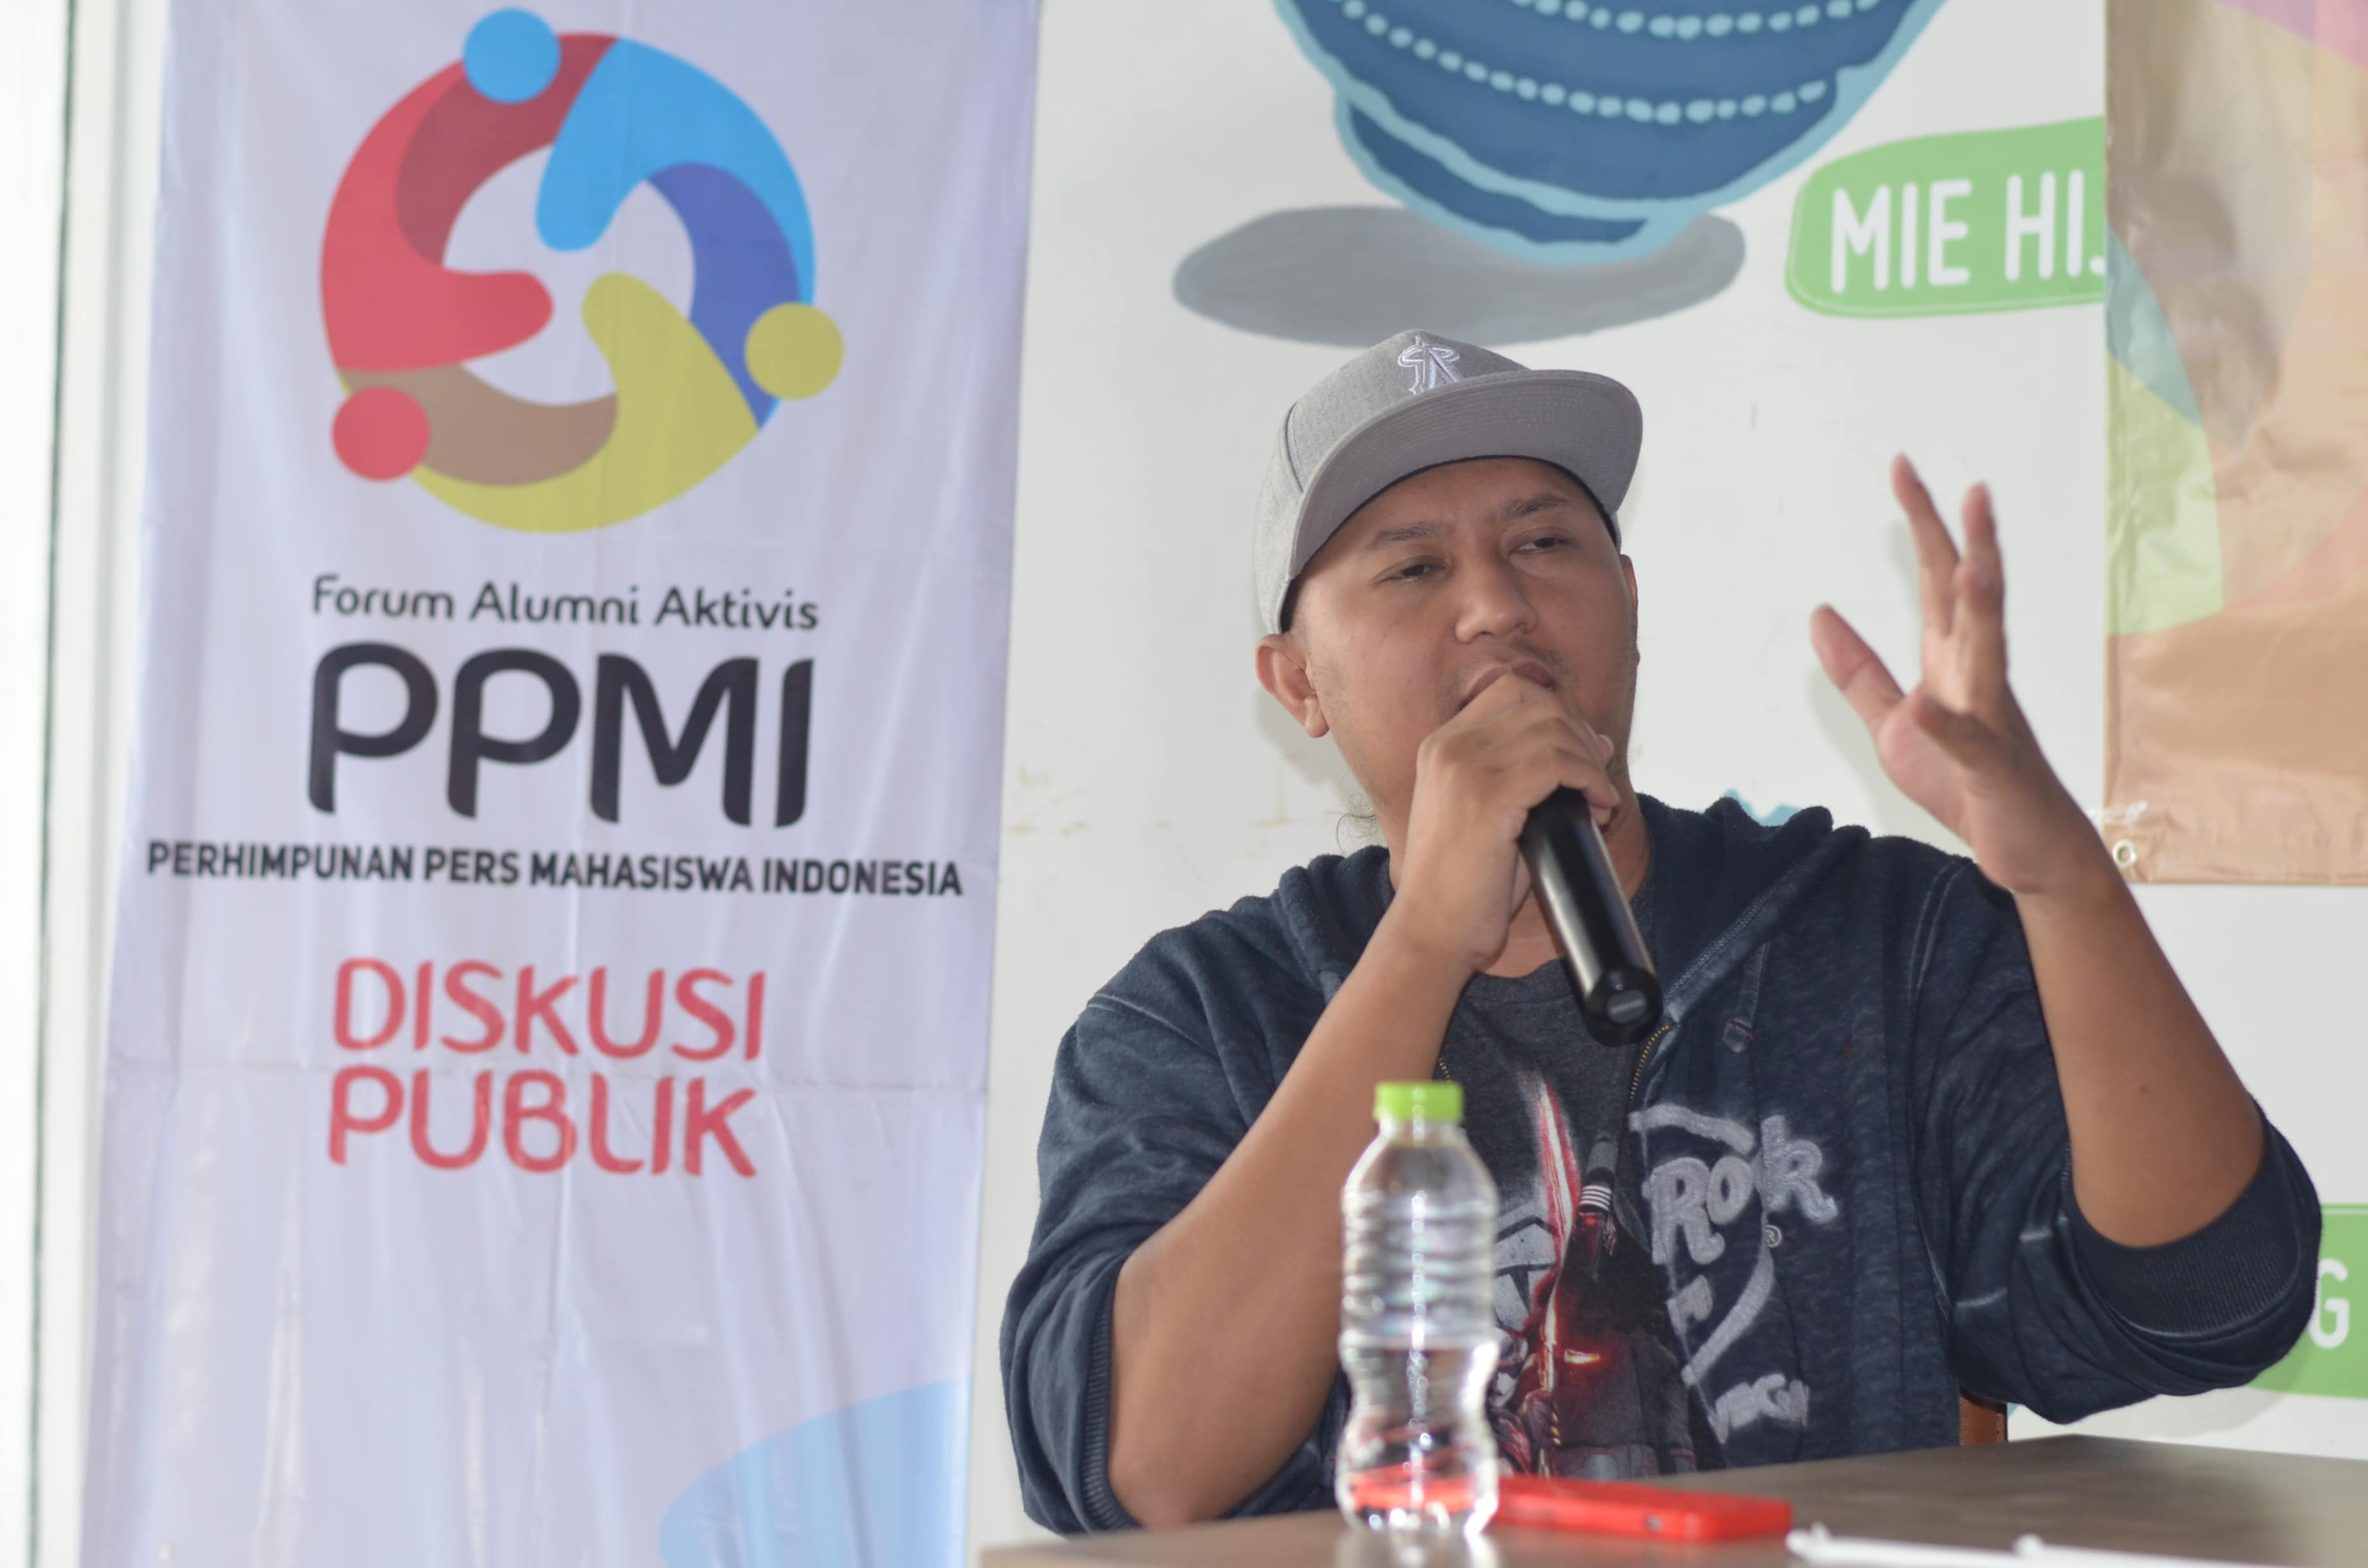 Anggi Umbara Film Maker (Sutradara film Comic 8)